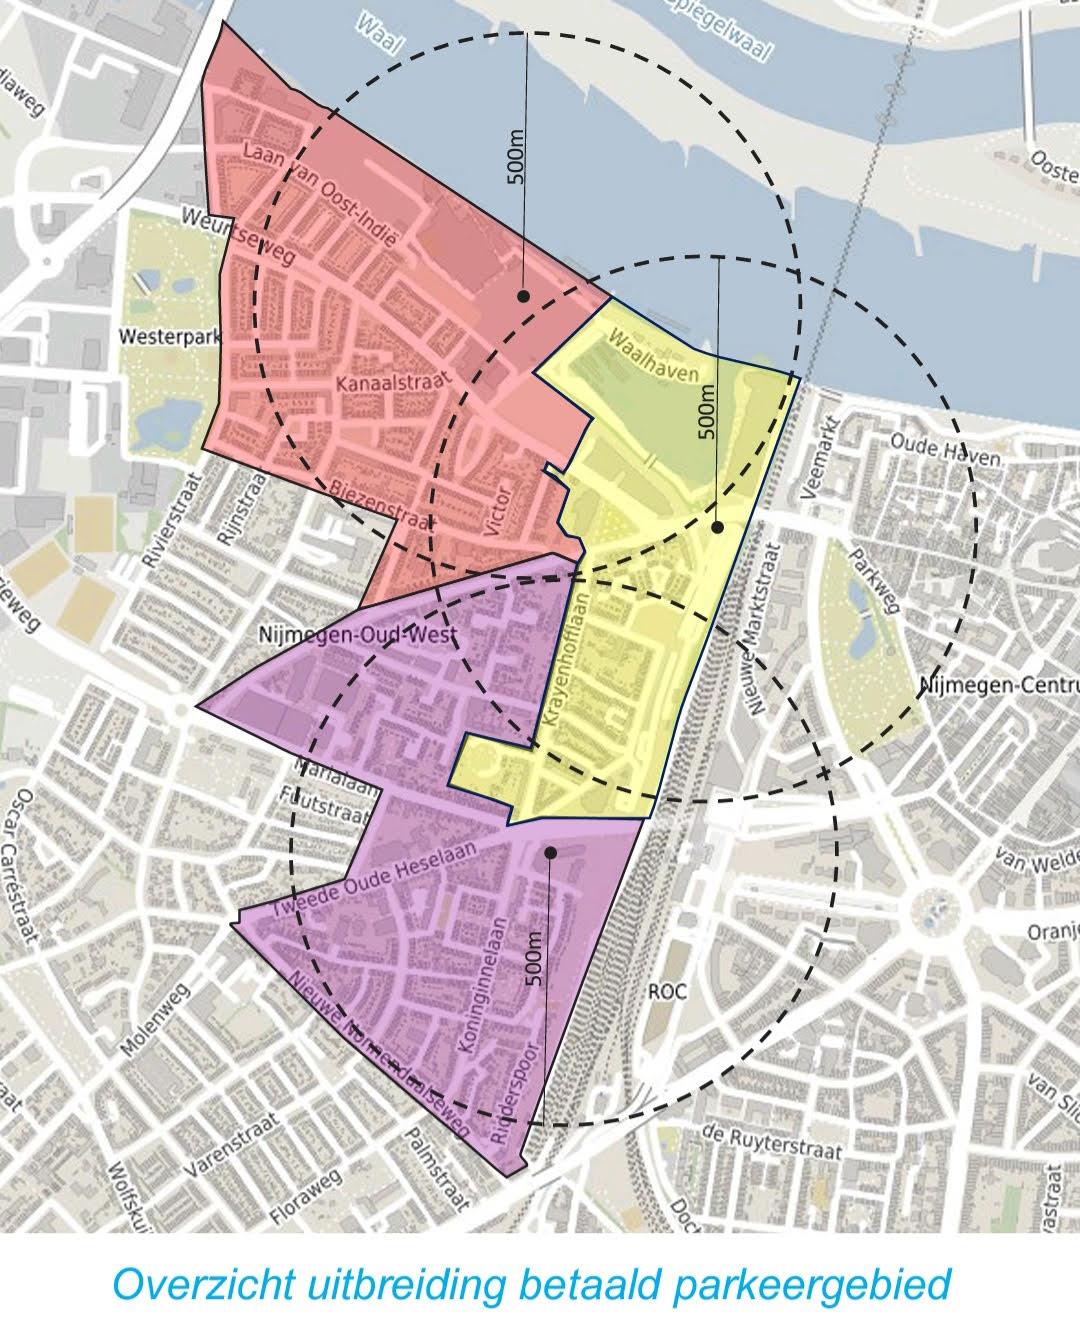 Uitnodiging online buurtavond hedenavond over parkeerplannen